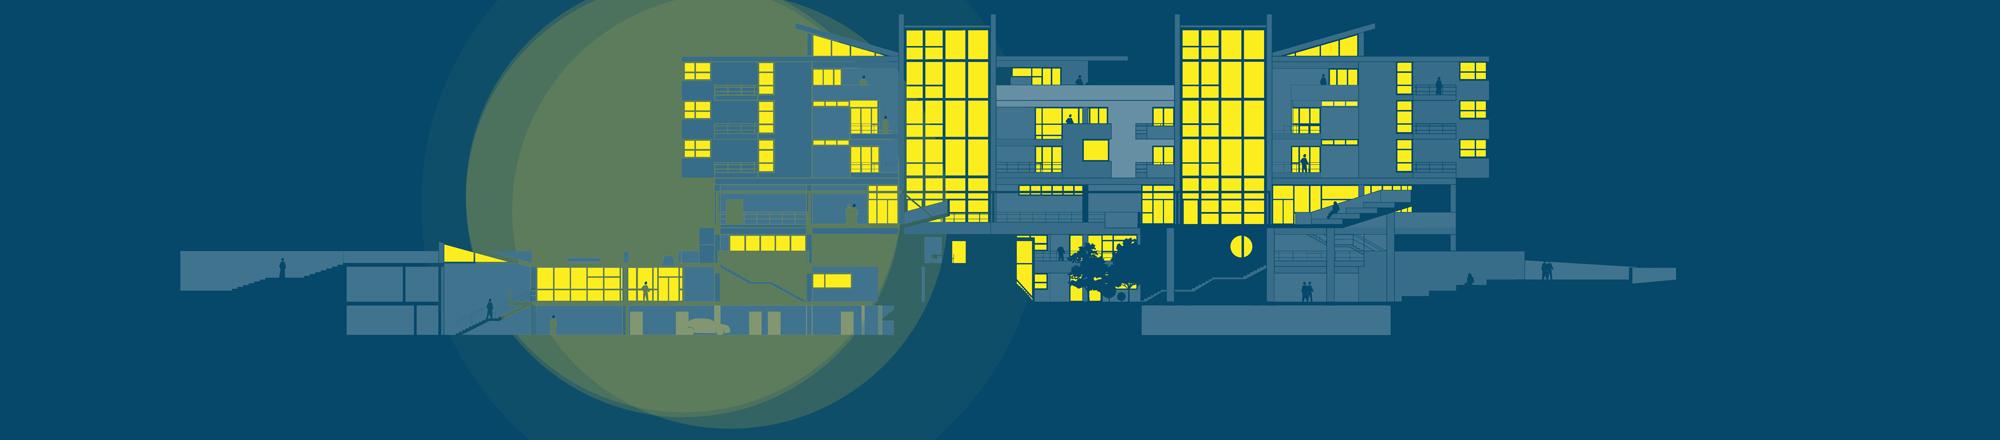 Κατοικίες και επαγγελματικοί χώροι στη Θεσσαλονίκη